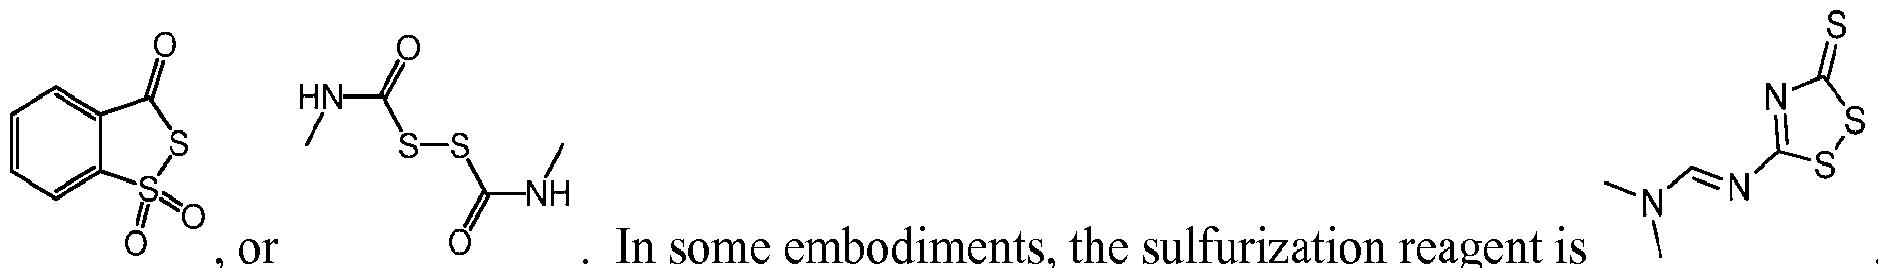 Figure imgf000257_0003